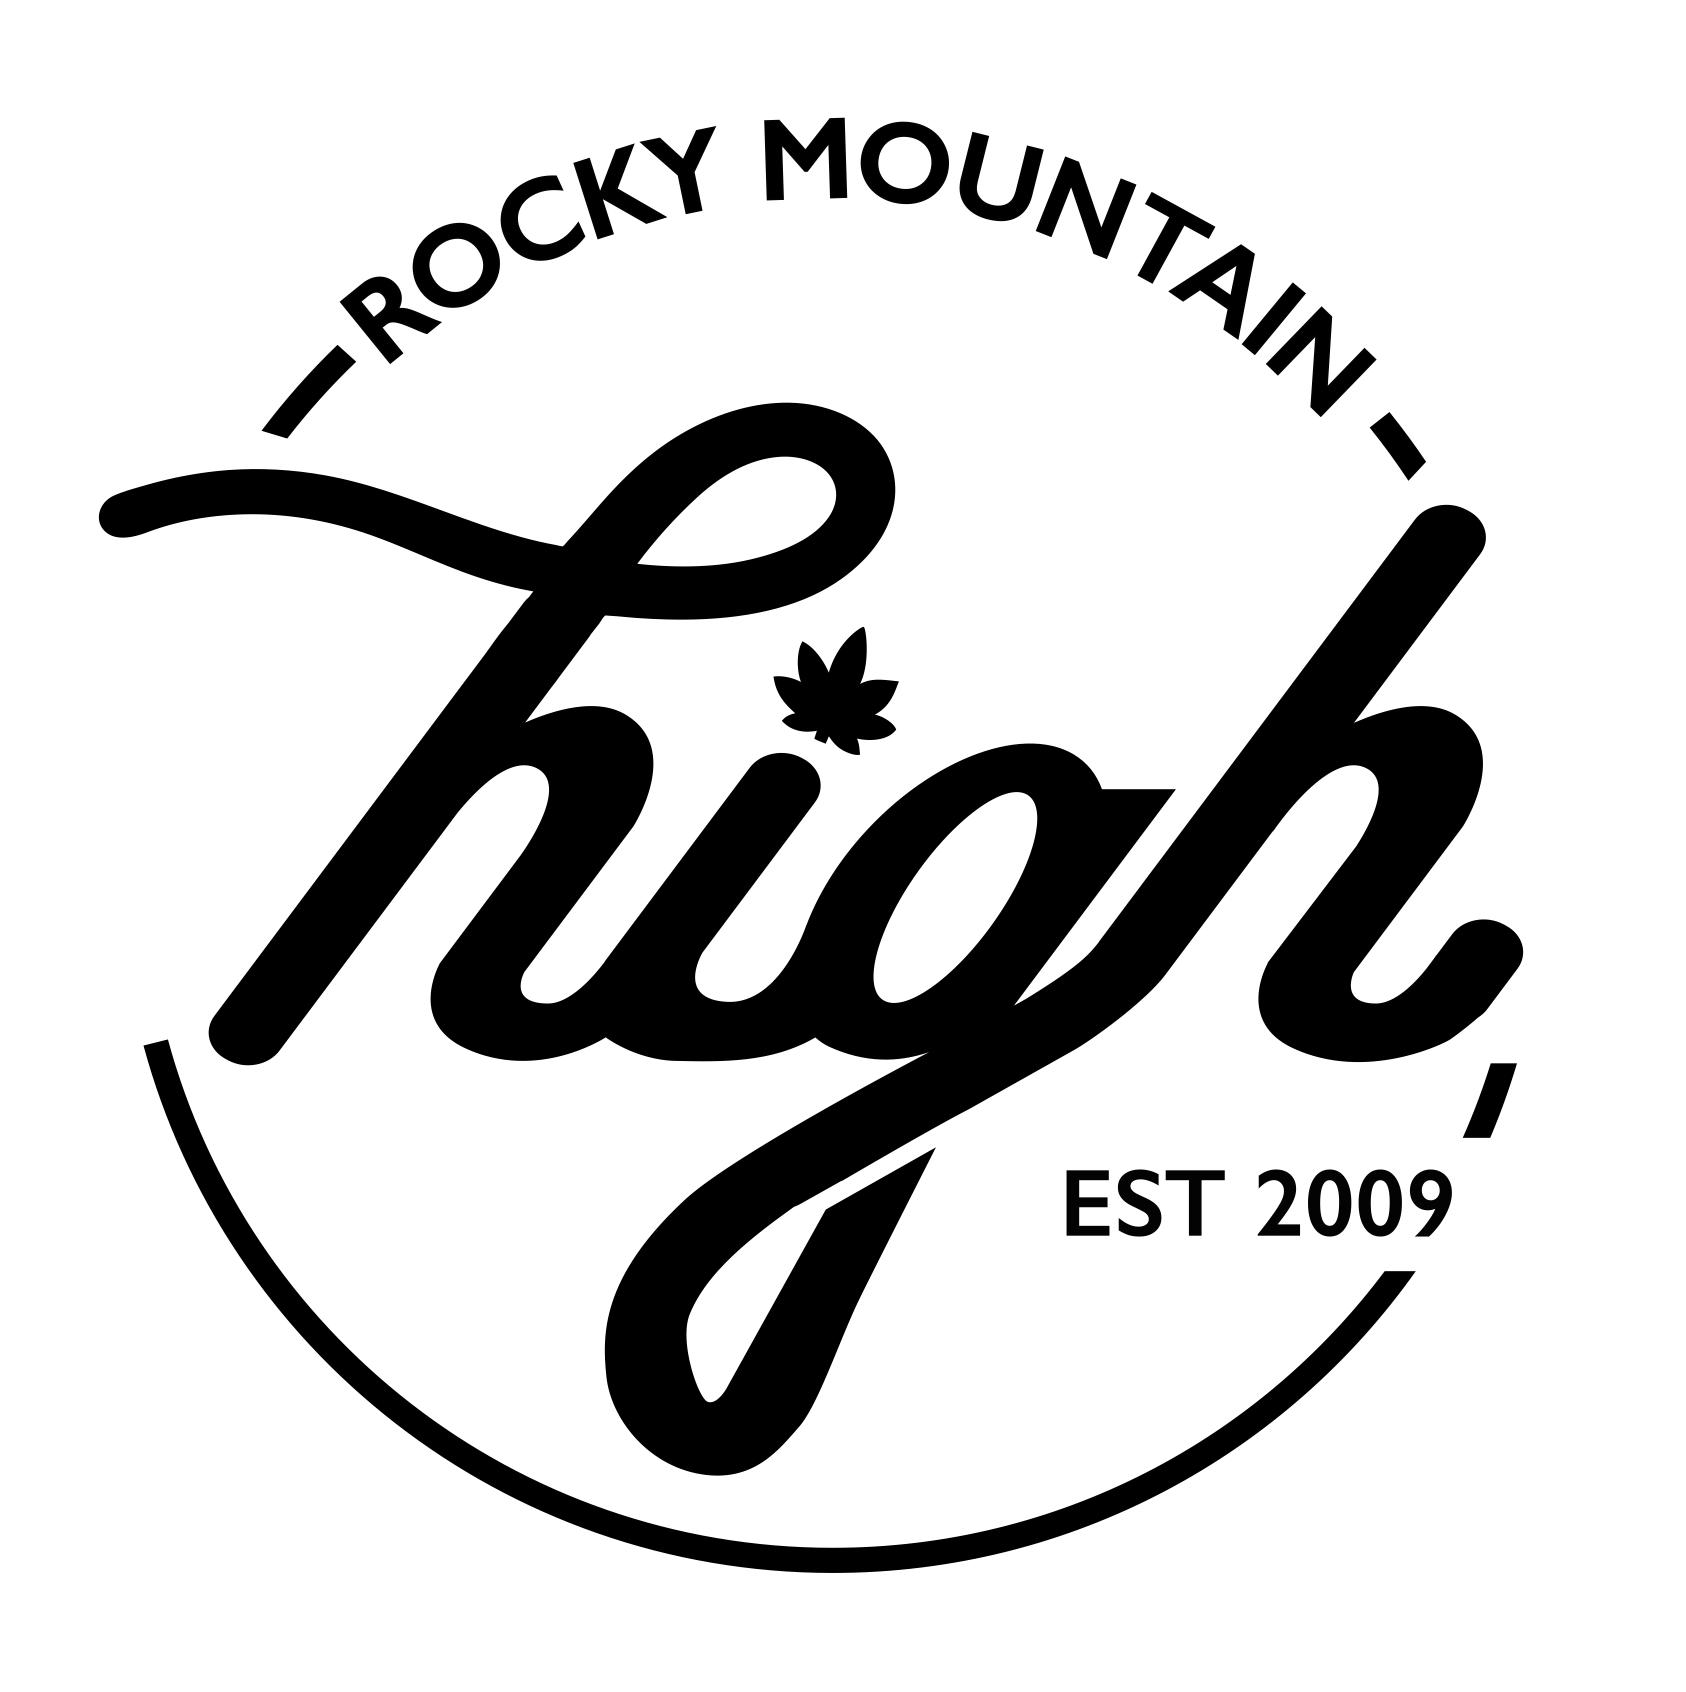 2018 Cannabis Career Fair Rocky Mountain High